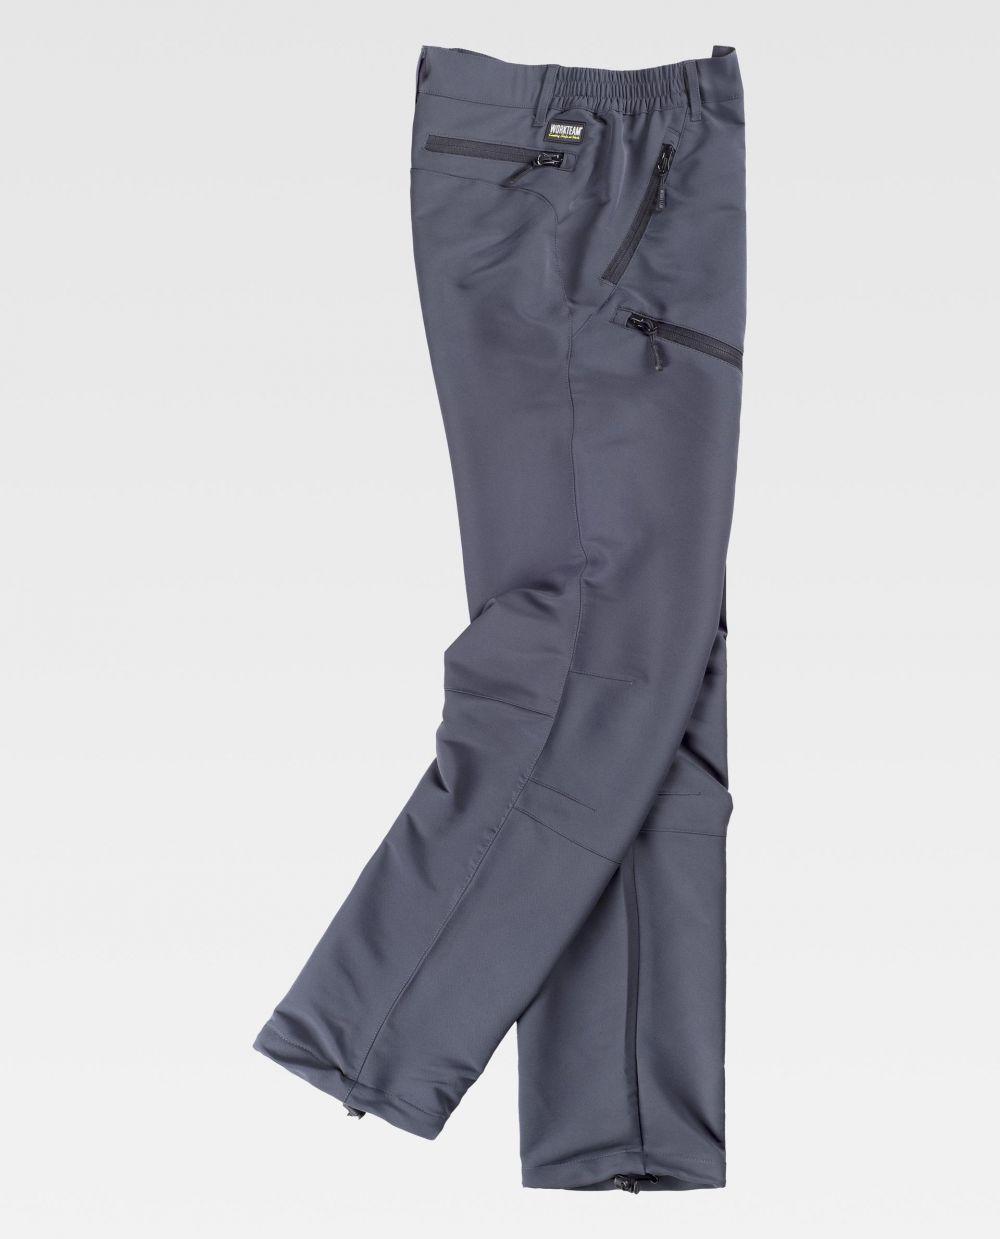 Pantalones de trabajo workteam s9850 de algodon vista 2